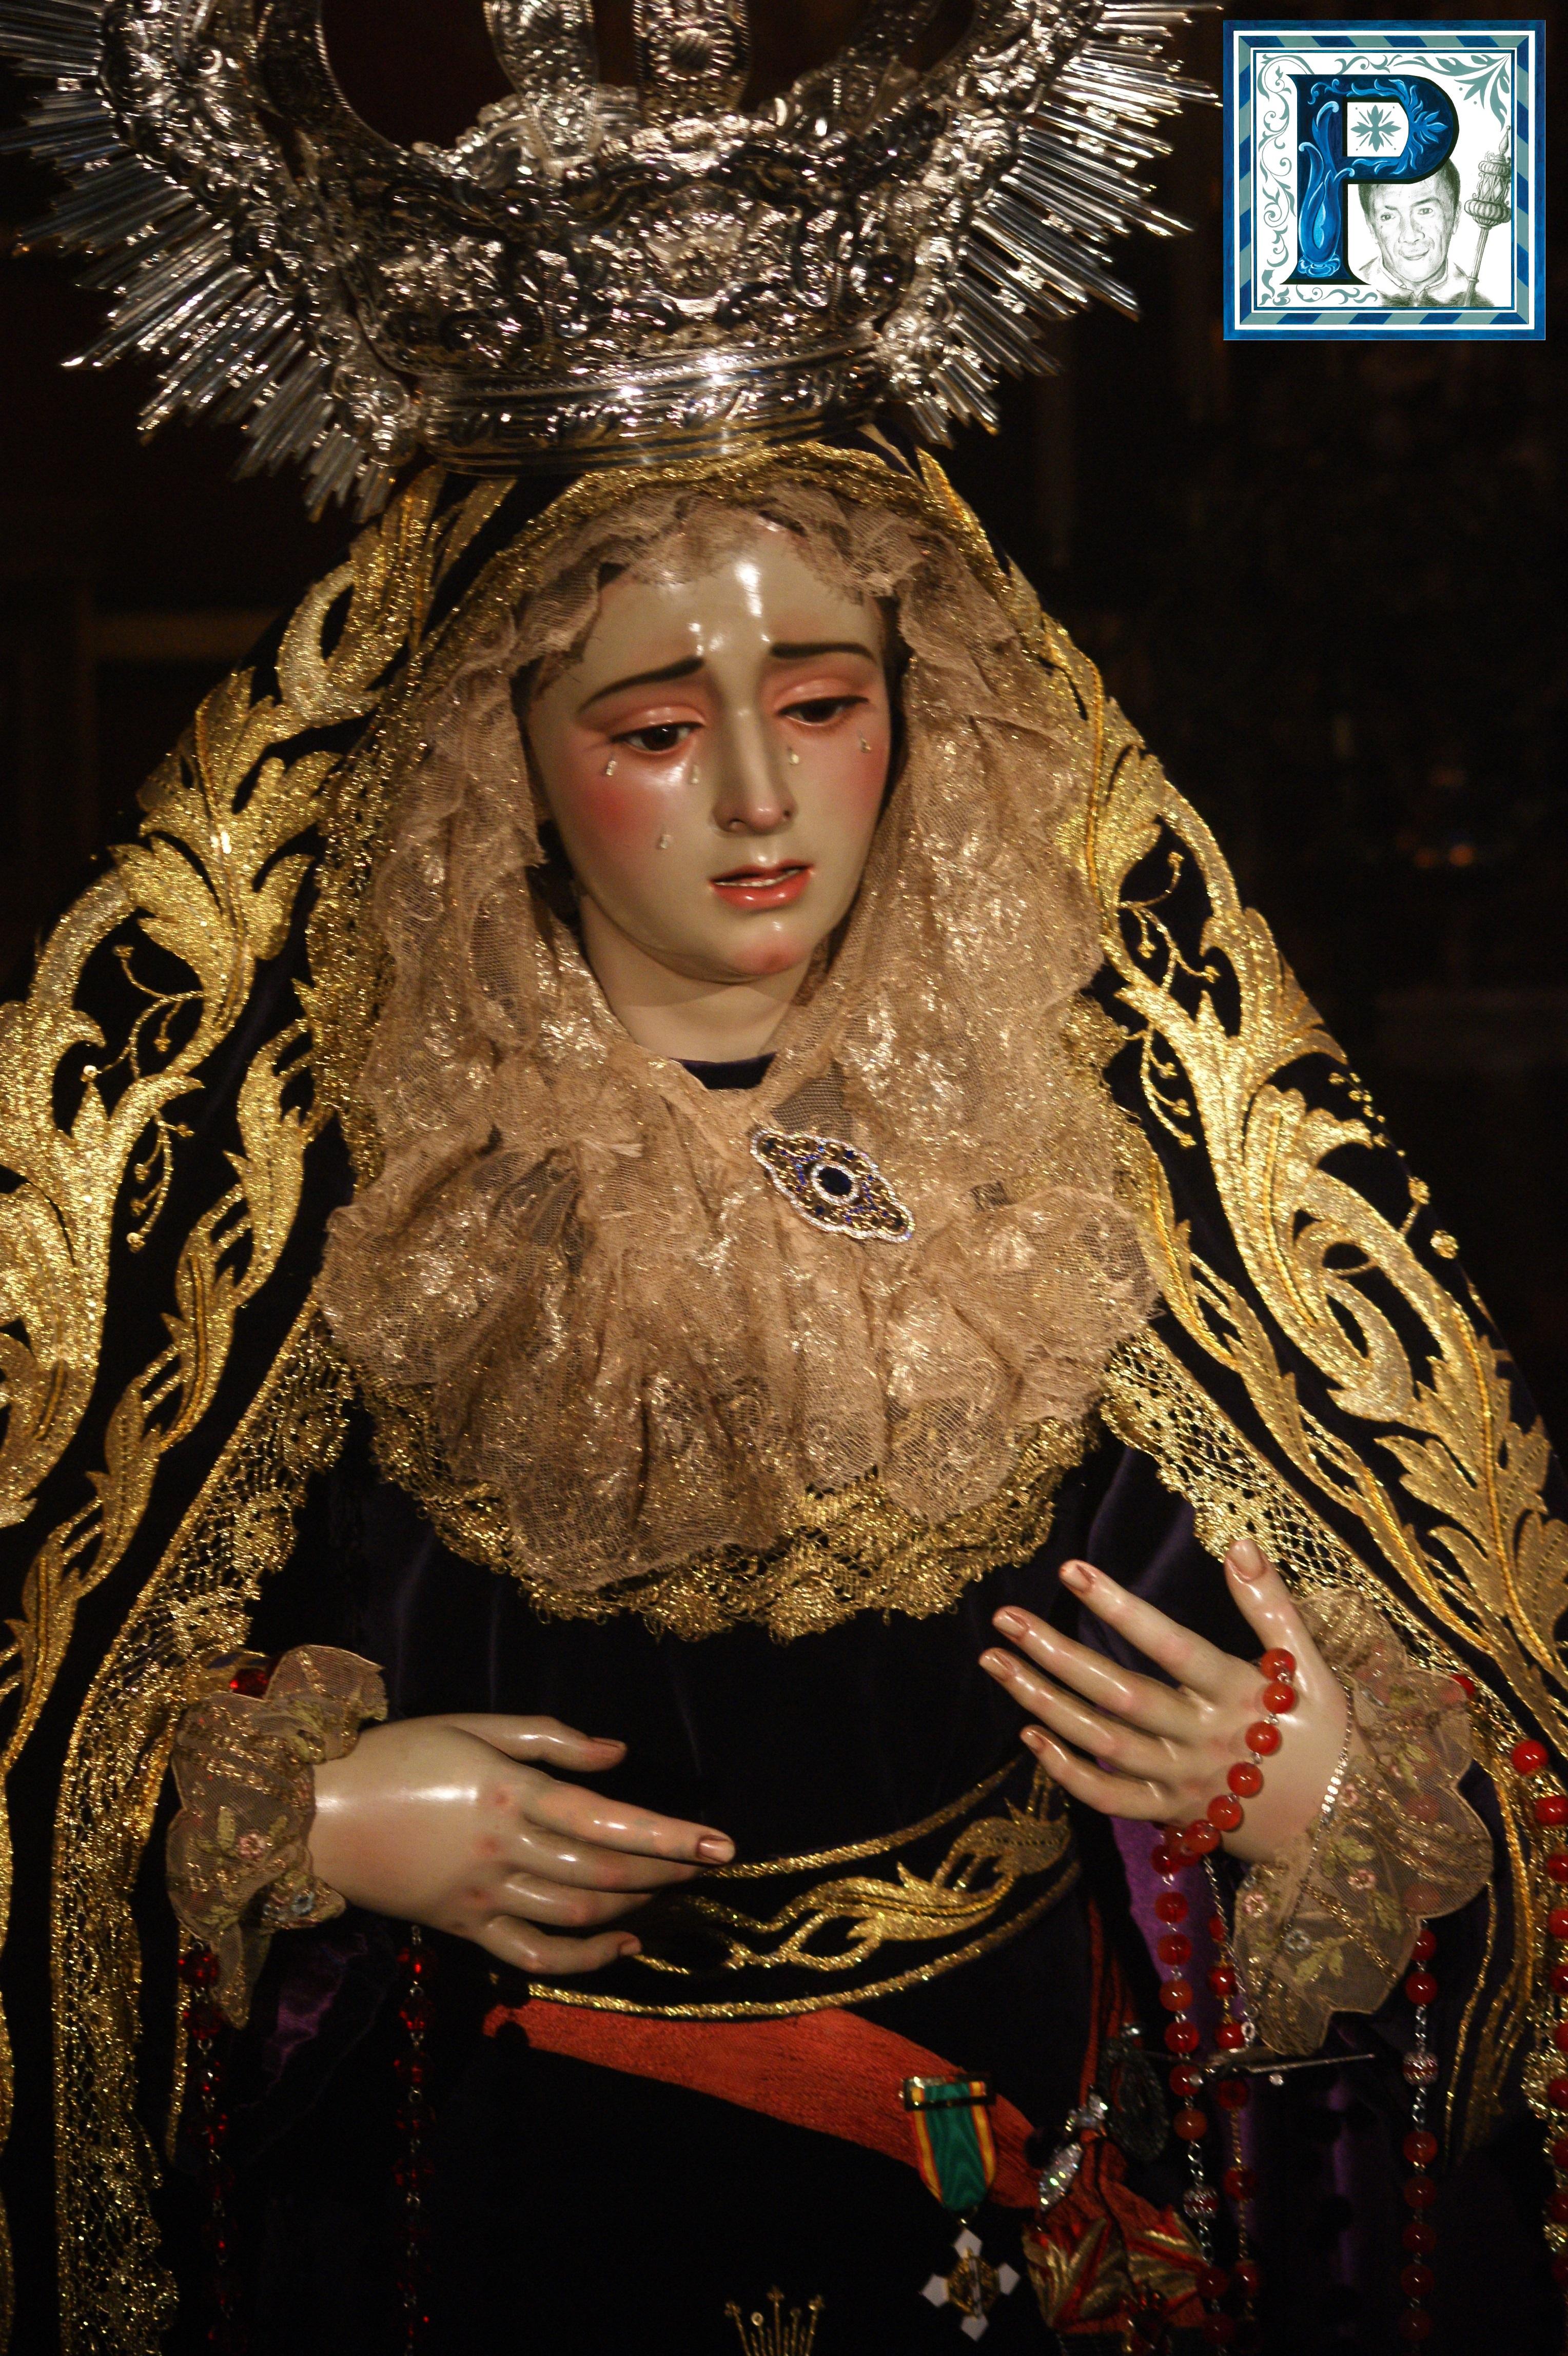 La Hermandad de Loreto convoca cultos en honor a su titular con motivo de su festividad